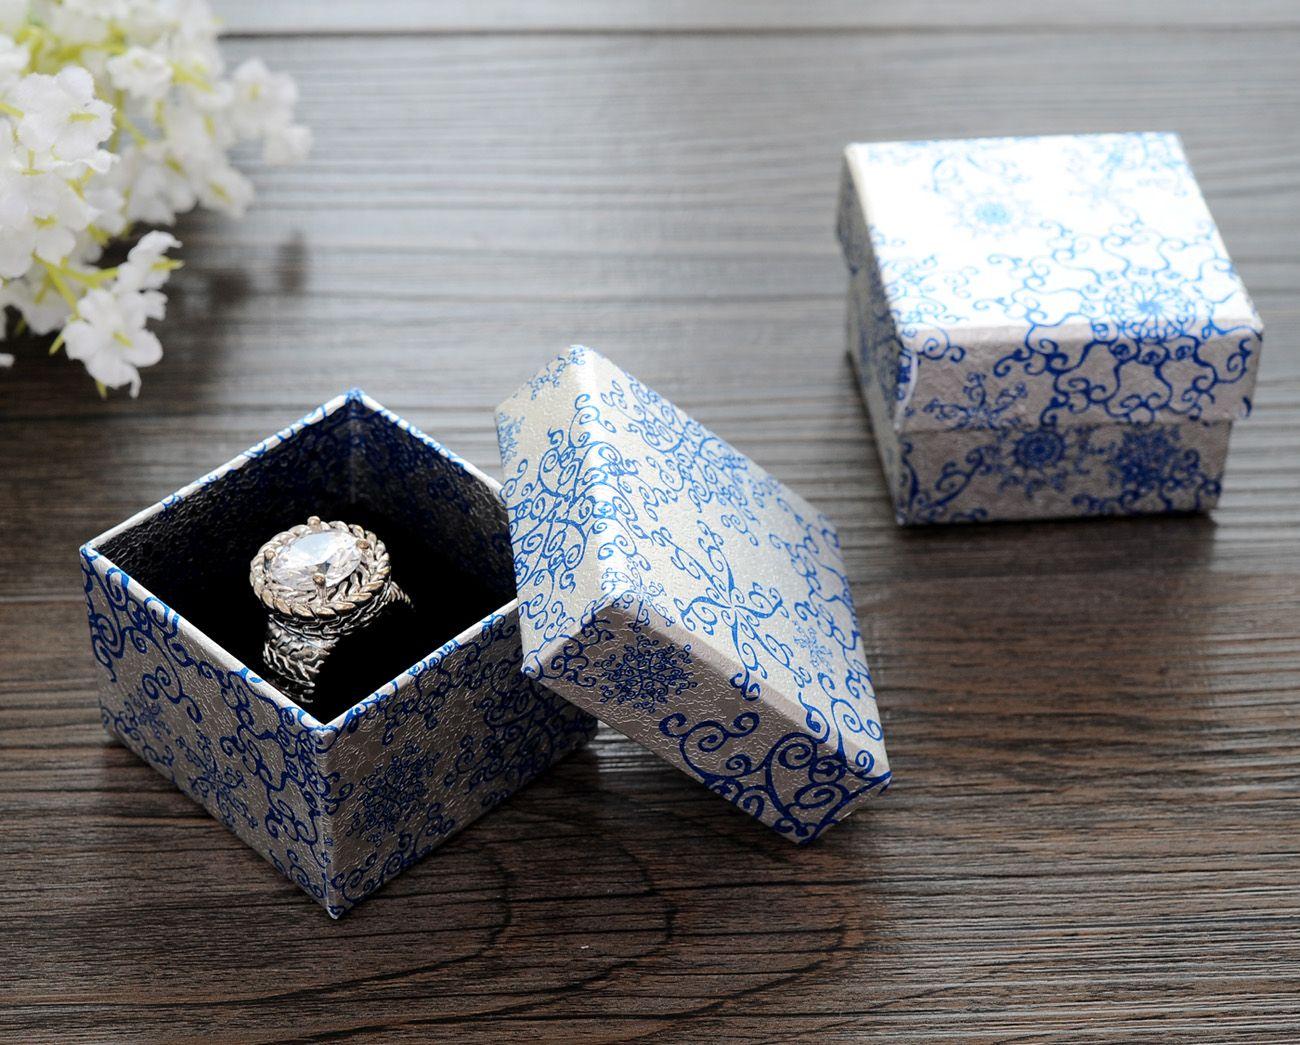 [Semplice Sette] di stile cinese Blue Pattern anello Gift Box, Festival orecchino di modo pacchetto, carta collana imballaggio al minuto Piccolo